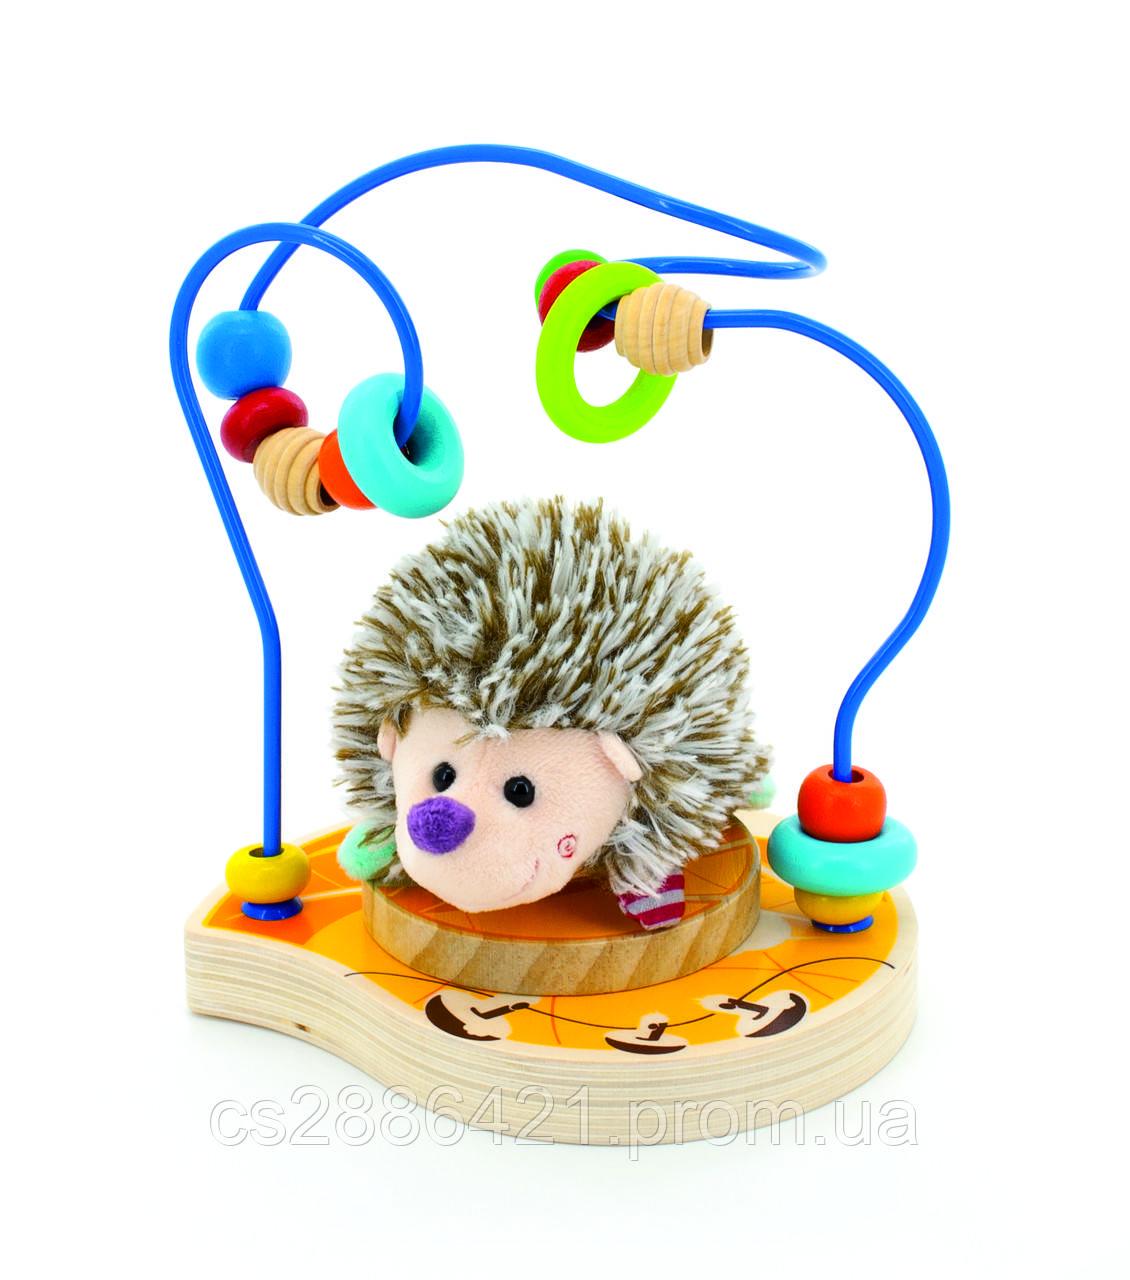 Деревянная игрушка Лабирин-Ежик (Д385)